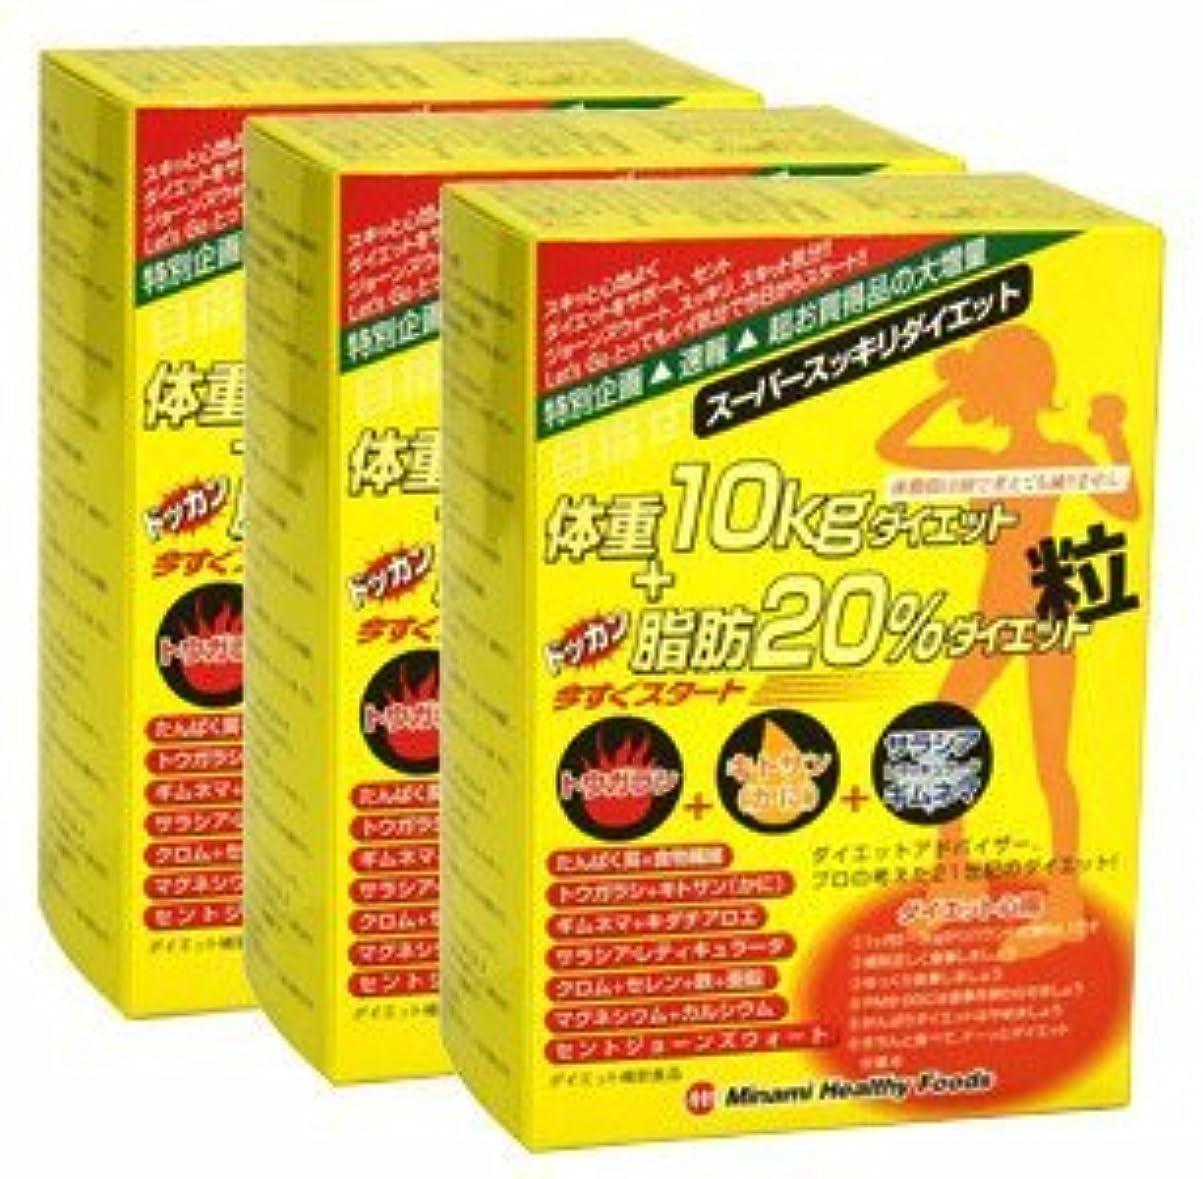 山岳クレア一掃する目指せ体重10kg+ドッカン脂肪20%ダイエット粒【3箱セット】ミナミヘルシーフーズ